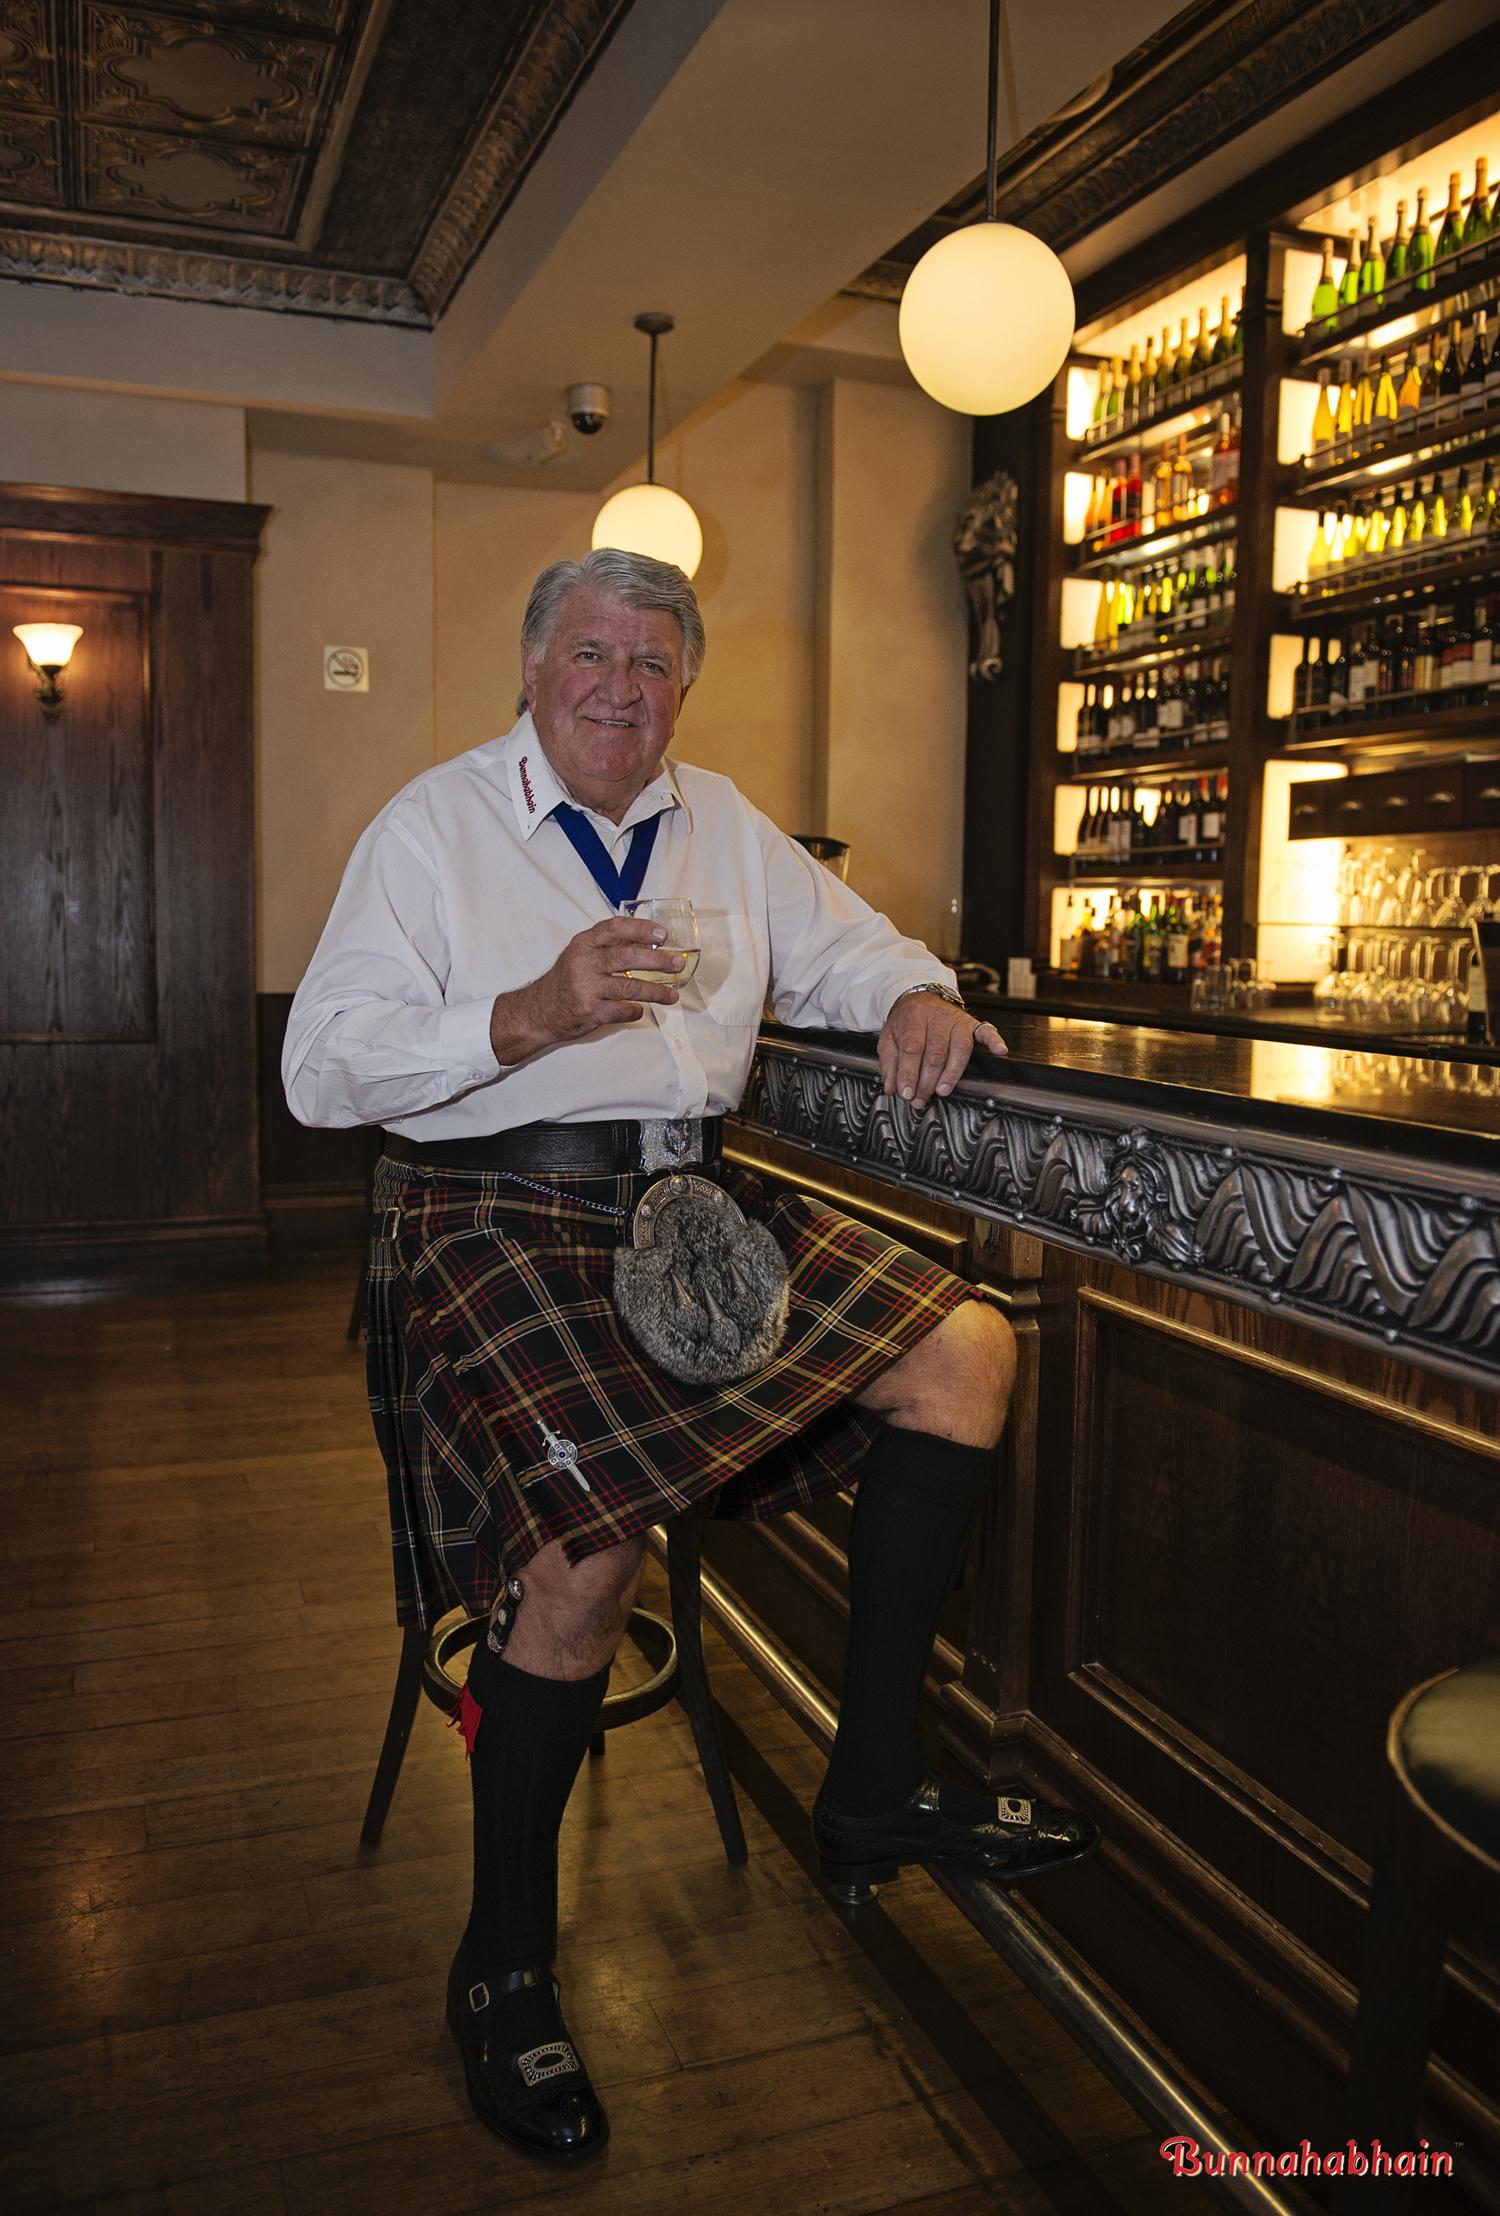 Kilted gentleman at bar enjoying whisky